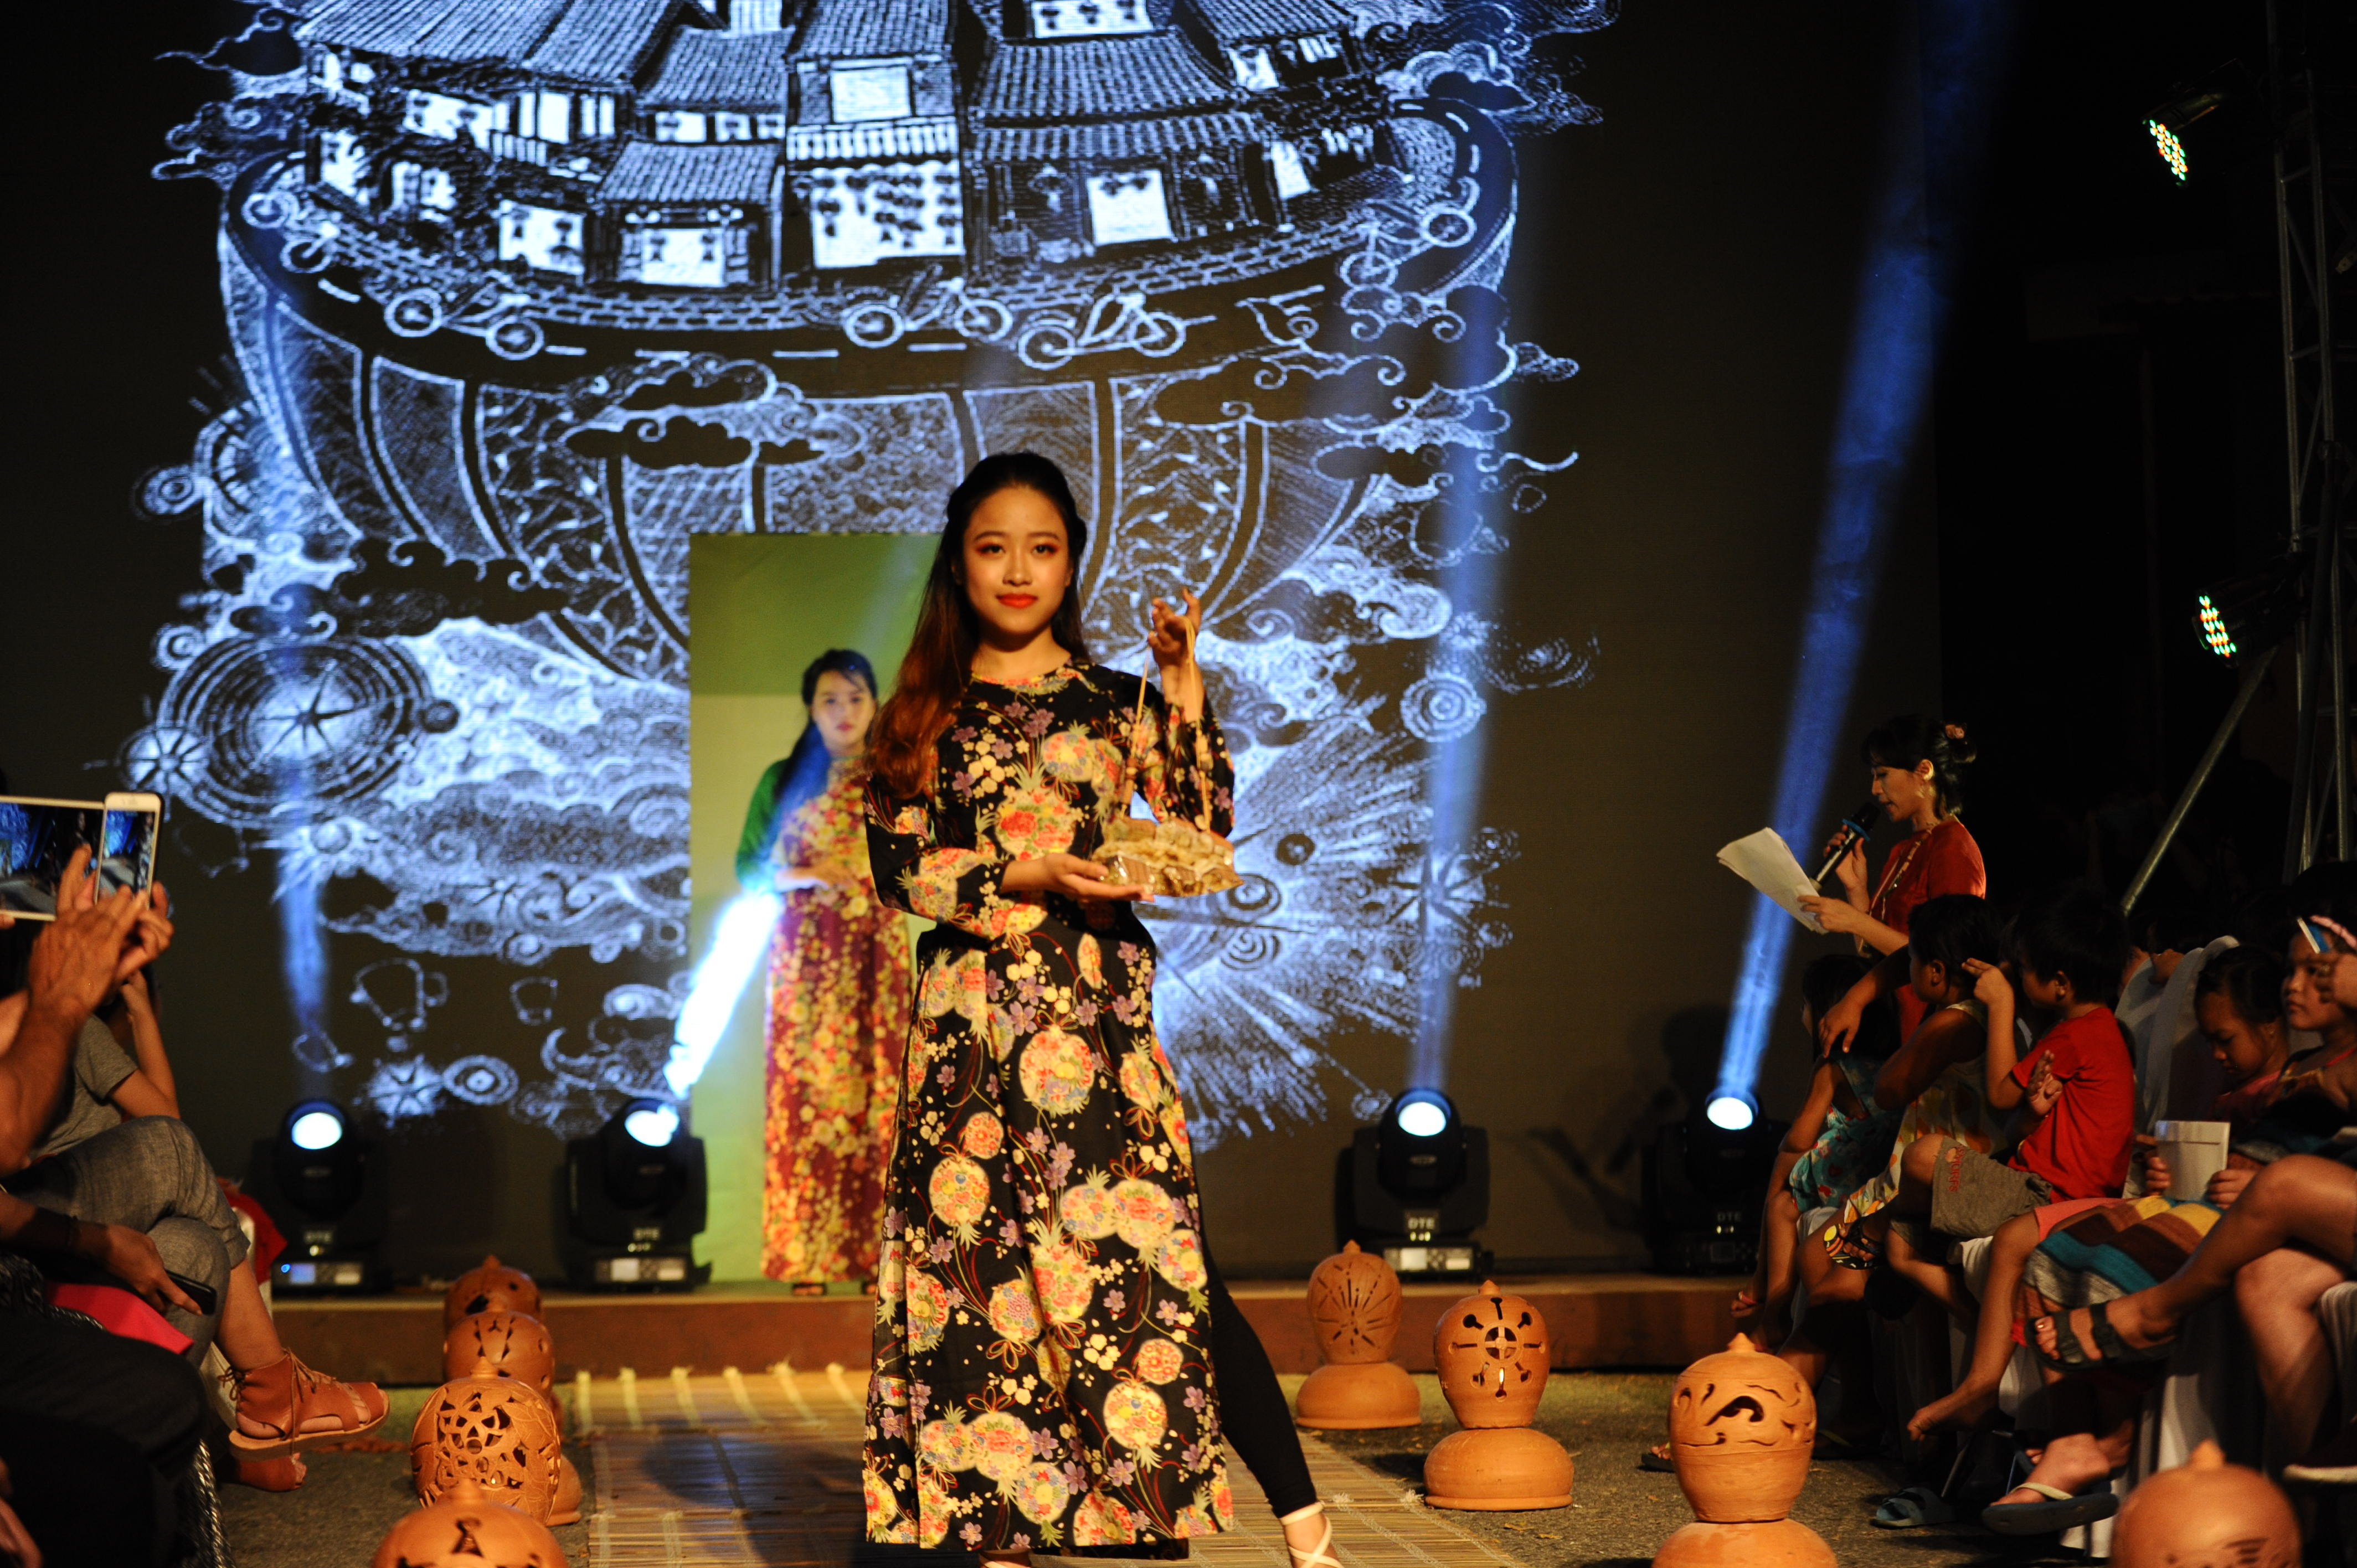 áo dài cũng sự kết hợp từ bản sắc của Việt, Nhật và Ấn